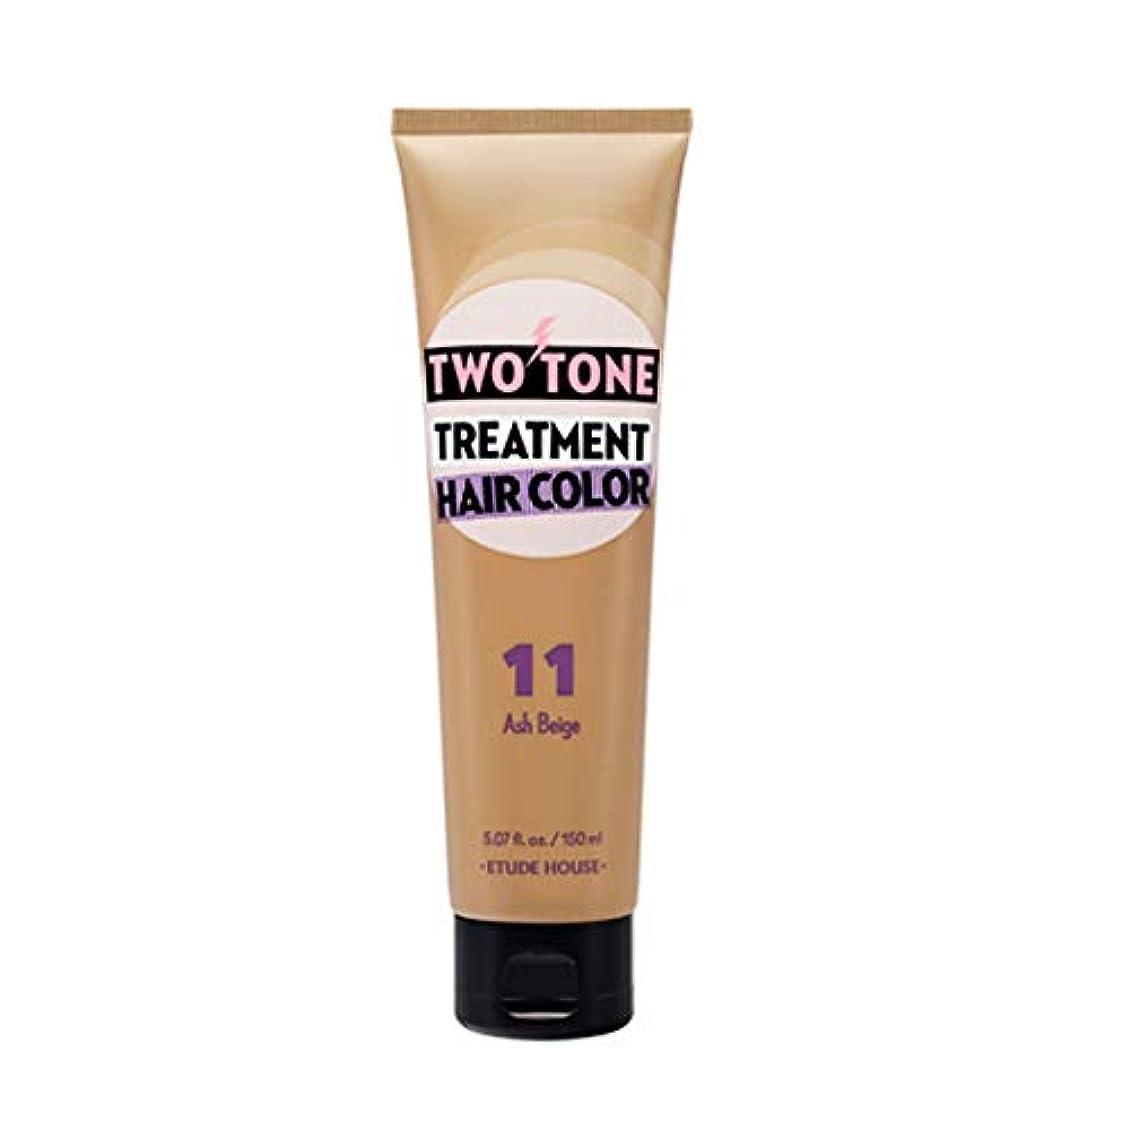 フェリー空中白いETUDE HOUSE Two Tone Treatment Hair Color (#11 Ash Beige) エチュードハウス ツートントリートメントヘアカラー150ml (#11 アッシュベージュ)